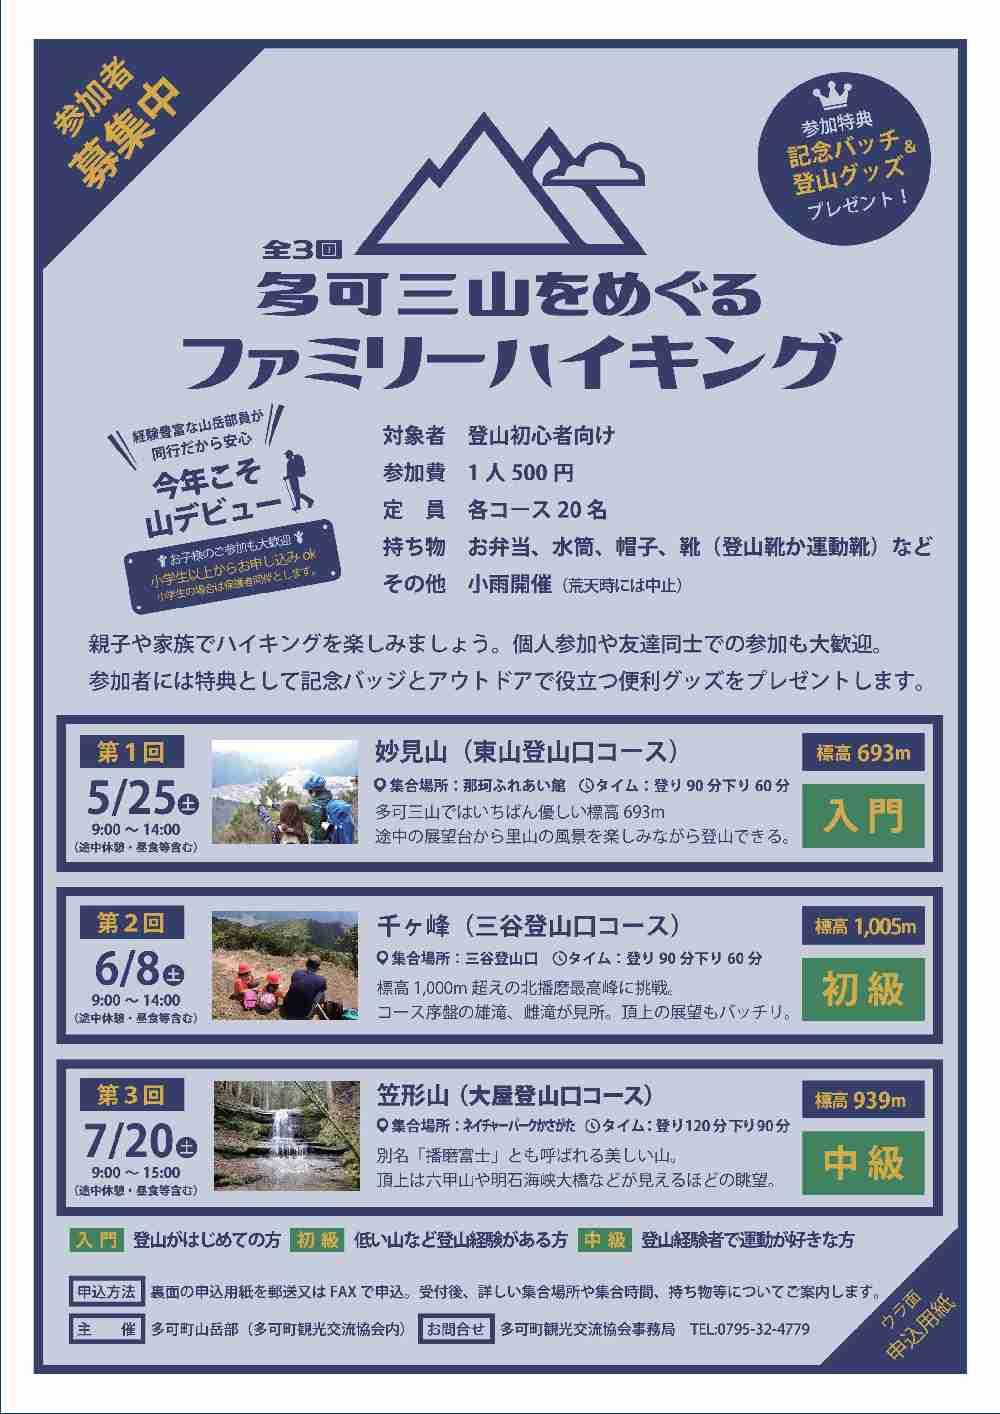 5/25・6/8・7/20 多可三山をめぐるファミリーハイキング